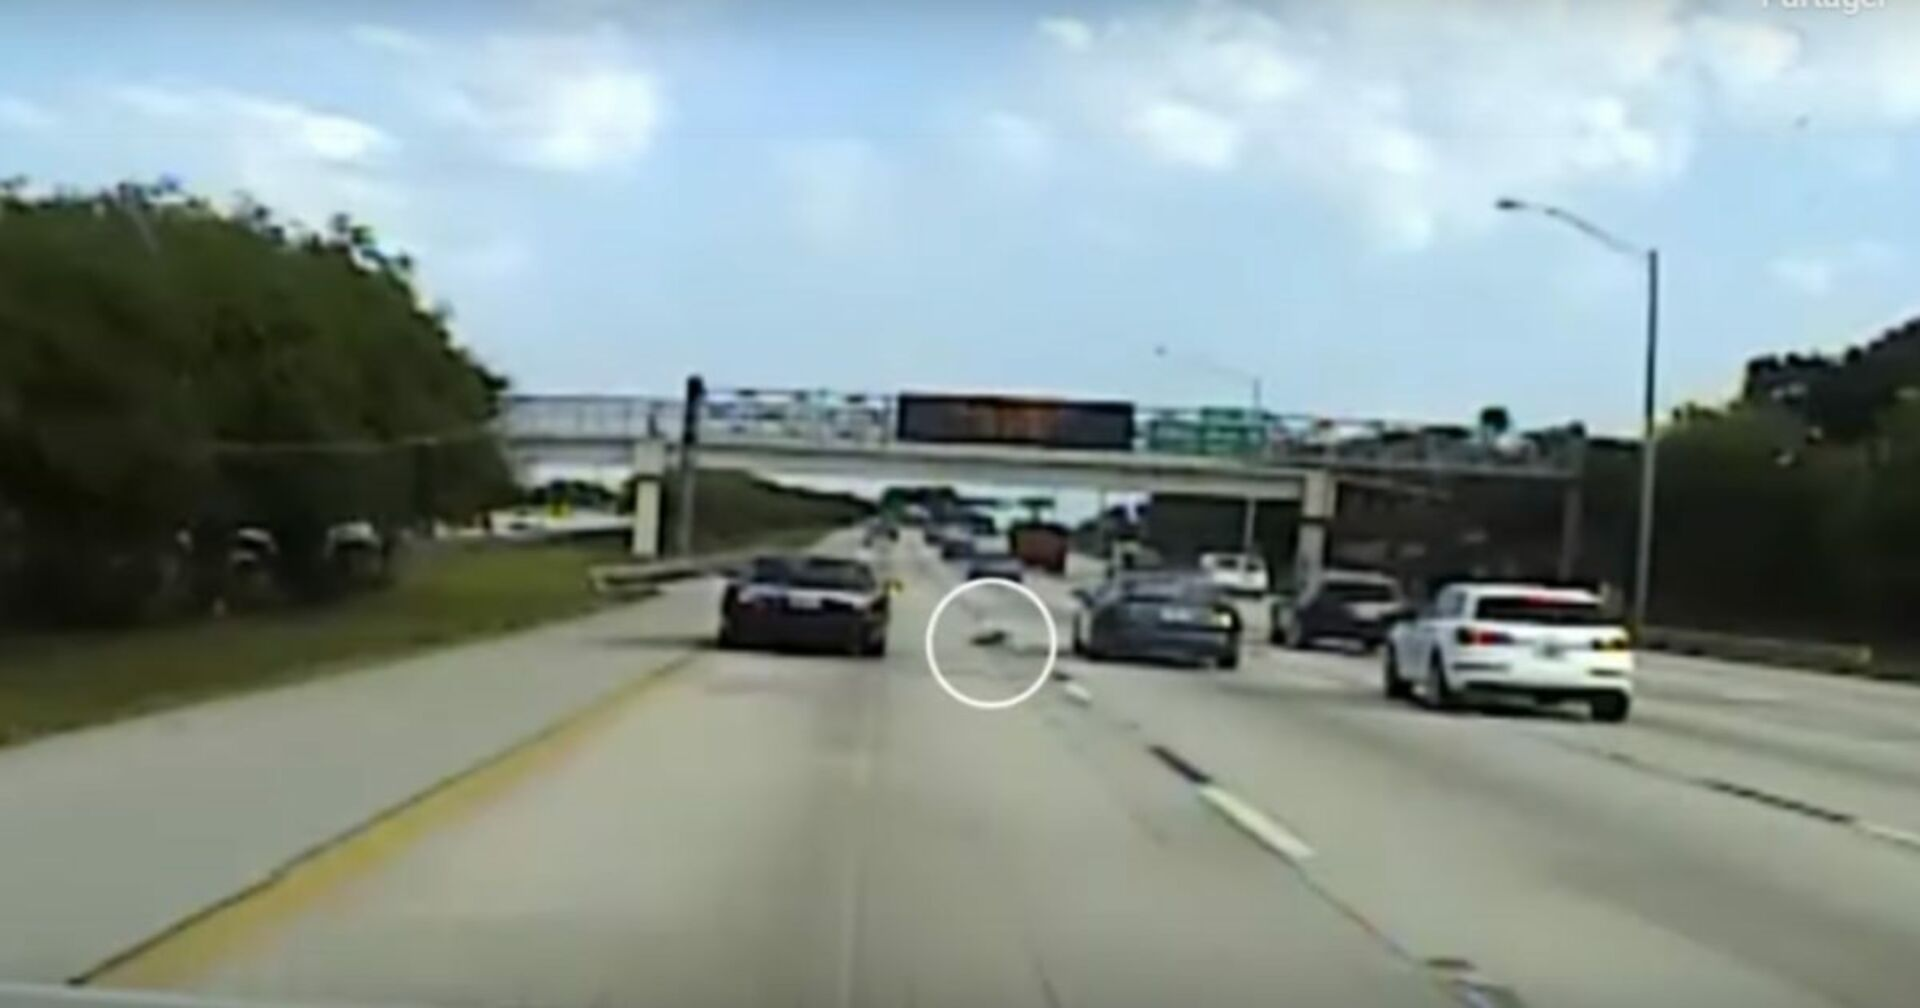 Schockmoment auf Autobahn: Er legt eine Vollbremsung hin schaut nach dem Rechten!